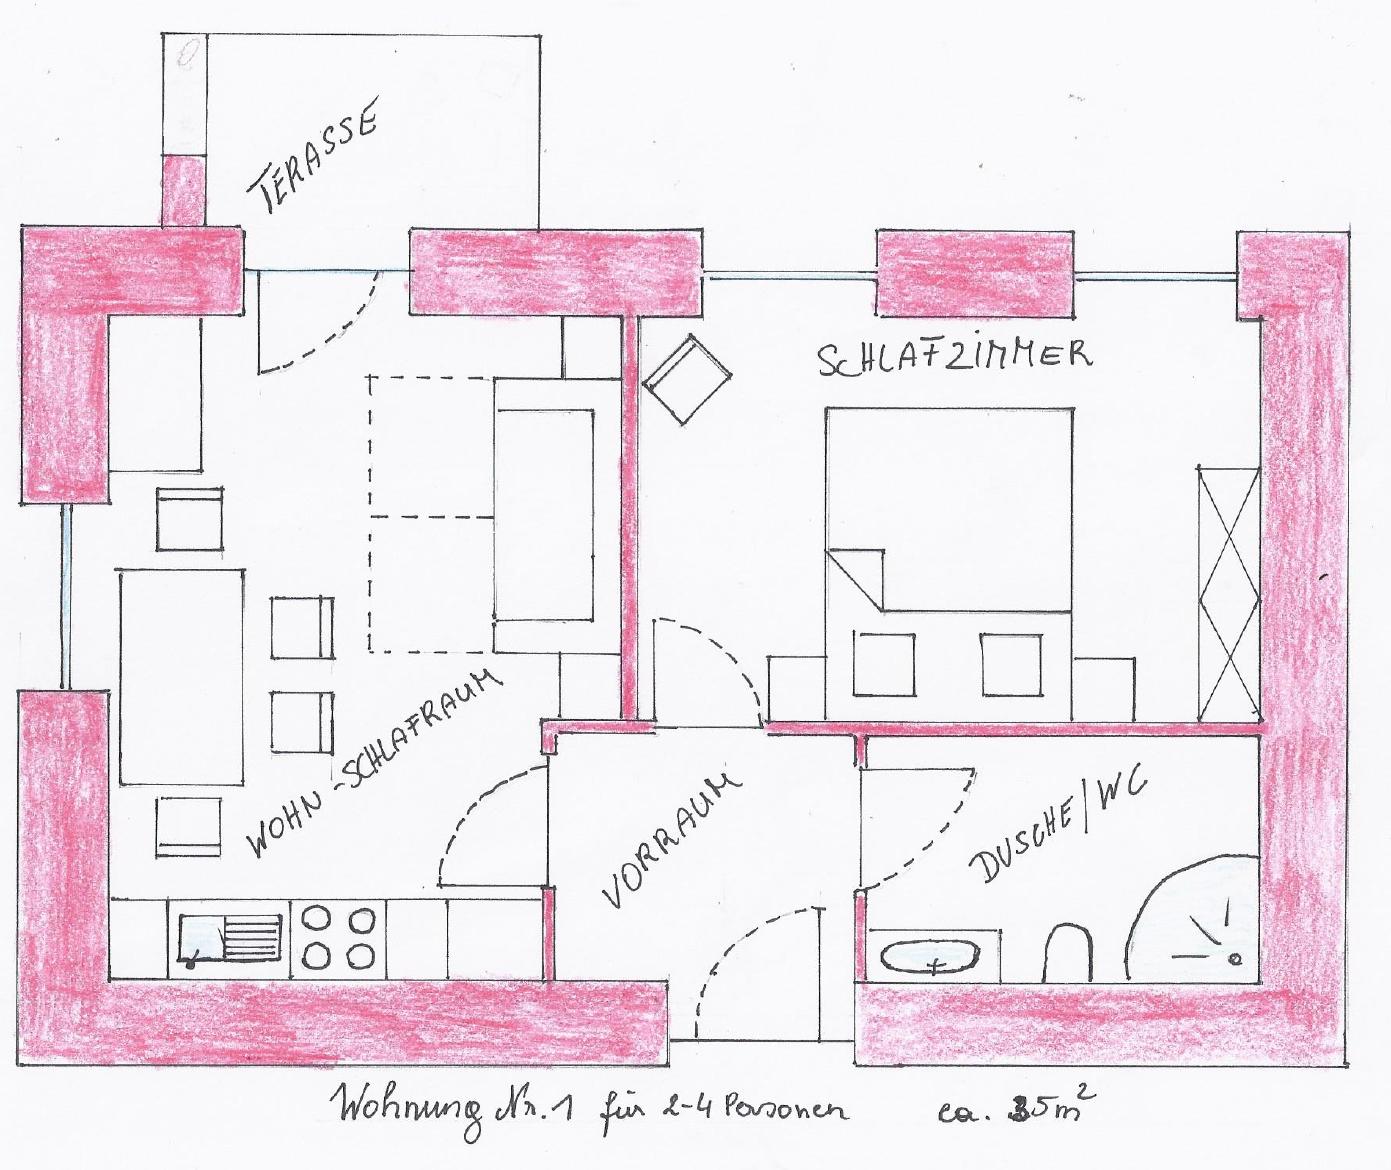 ferienwohnung 1 f r 2 bis 4 personen im haus sebastian in serfaus ferienwohnungen f r 2 10. Black Bedroom Furniture Sets. Home Design Ideas